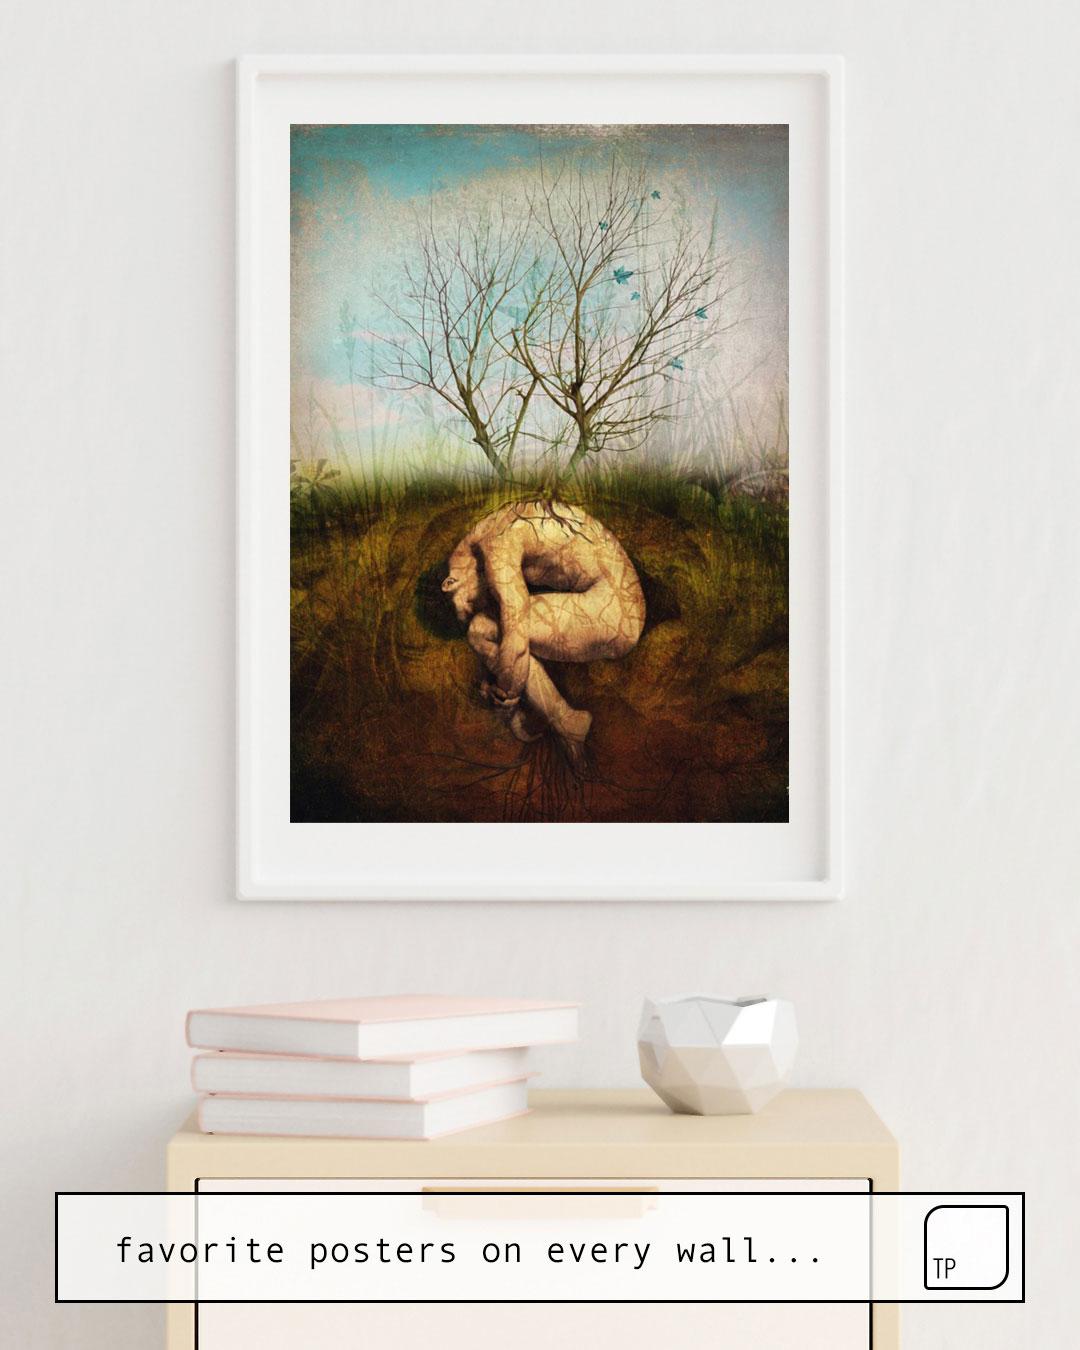 La foto muestra un ejemplo de decoración con el motivo THE DREAMING TREE por Christian Schloe como un mural